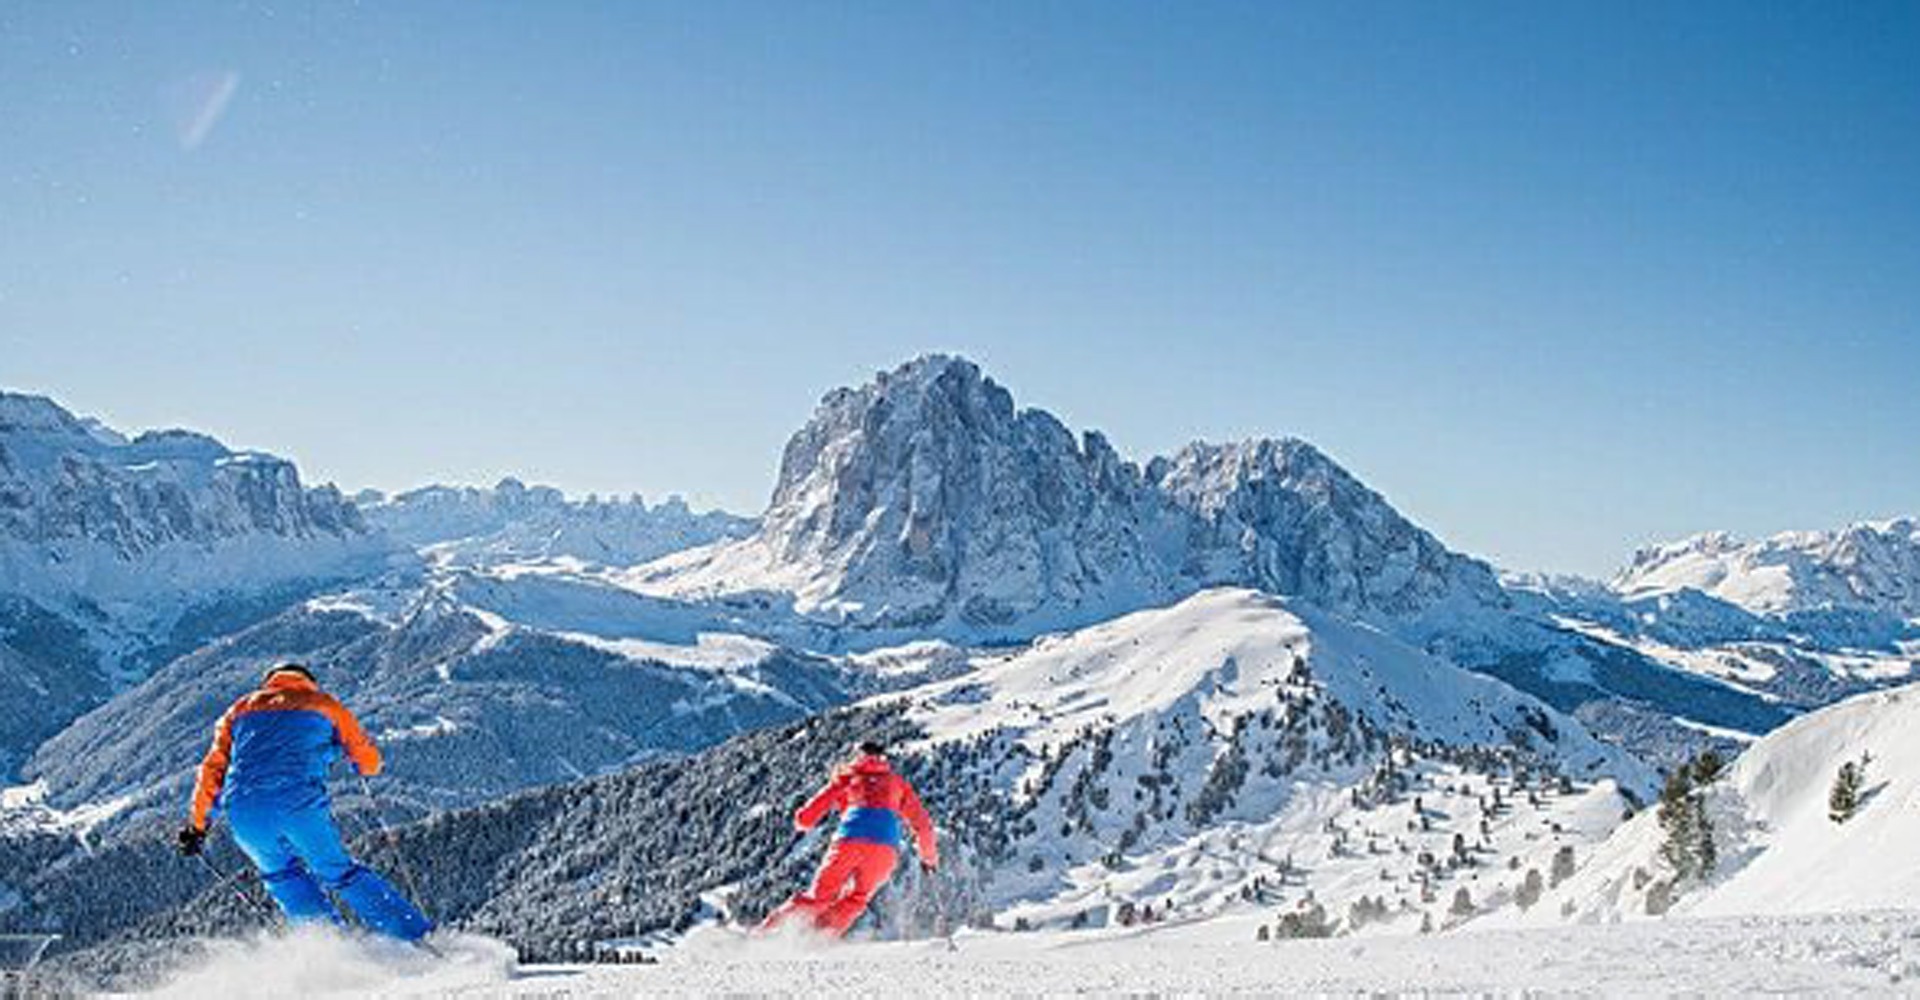 Åk skidor med oss vecka 7 i Moena